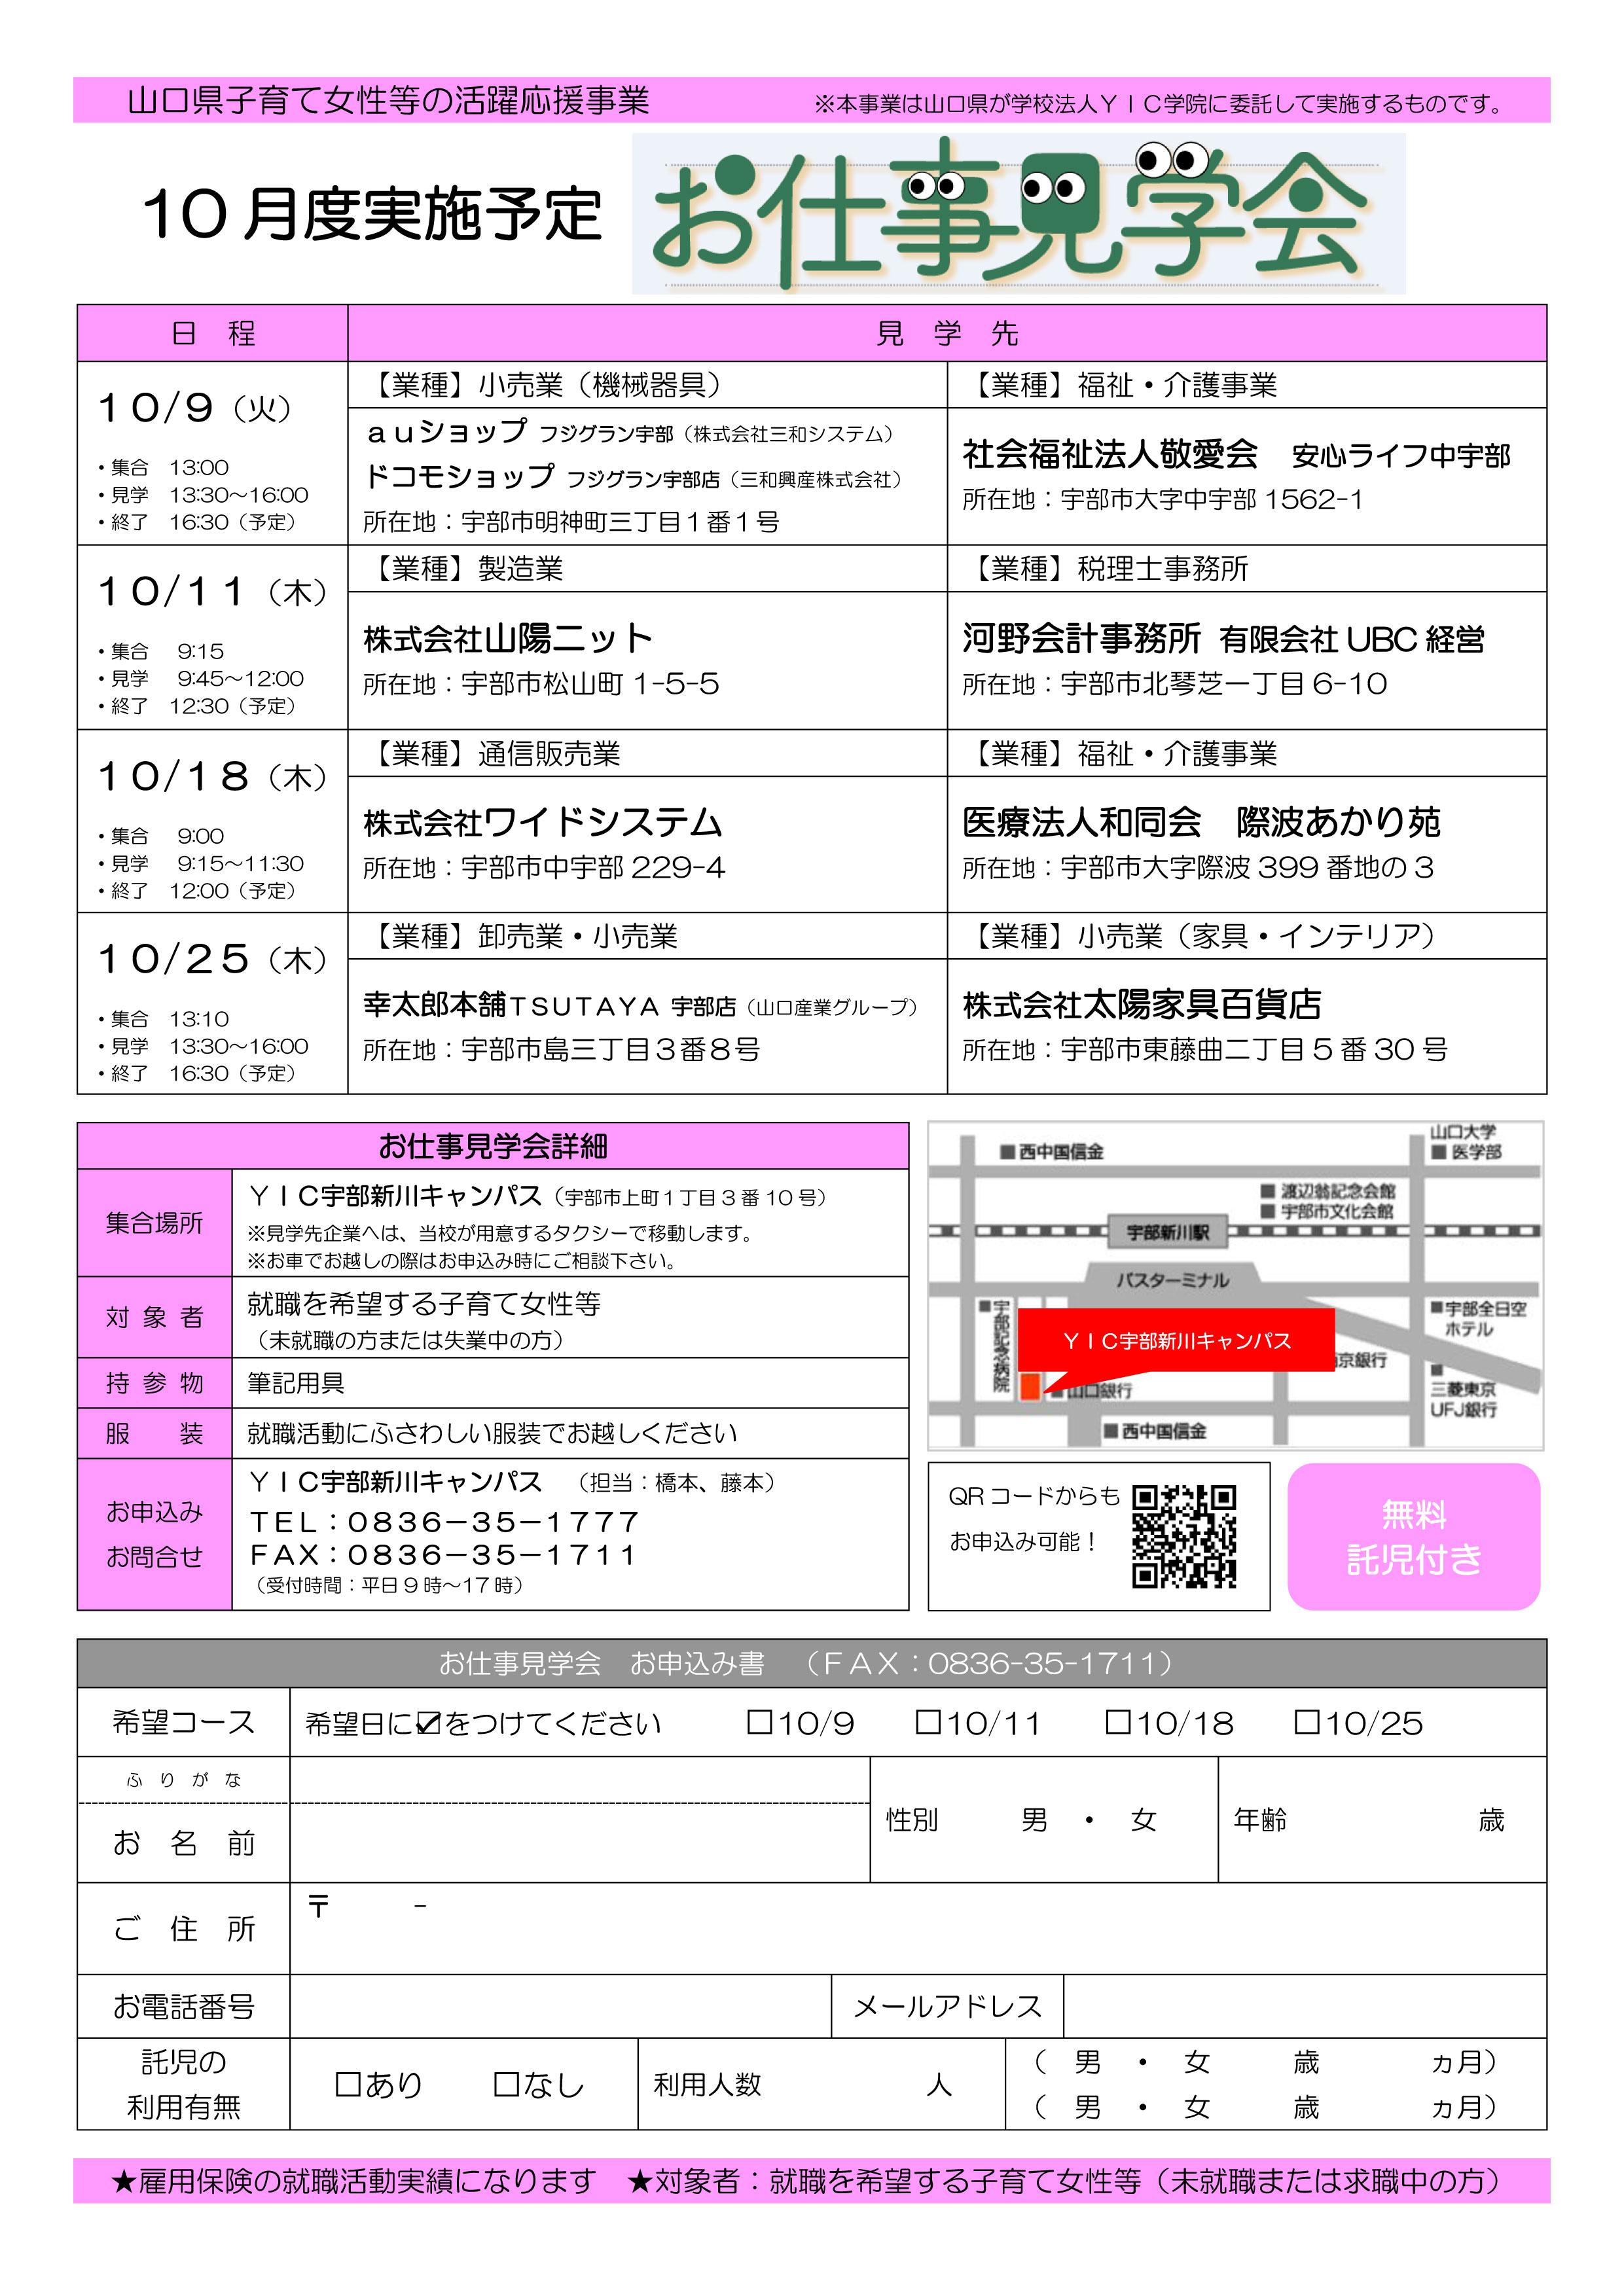 【宇部地区】お仕事見学会 10月度開催のお知らせ